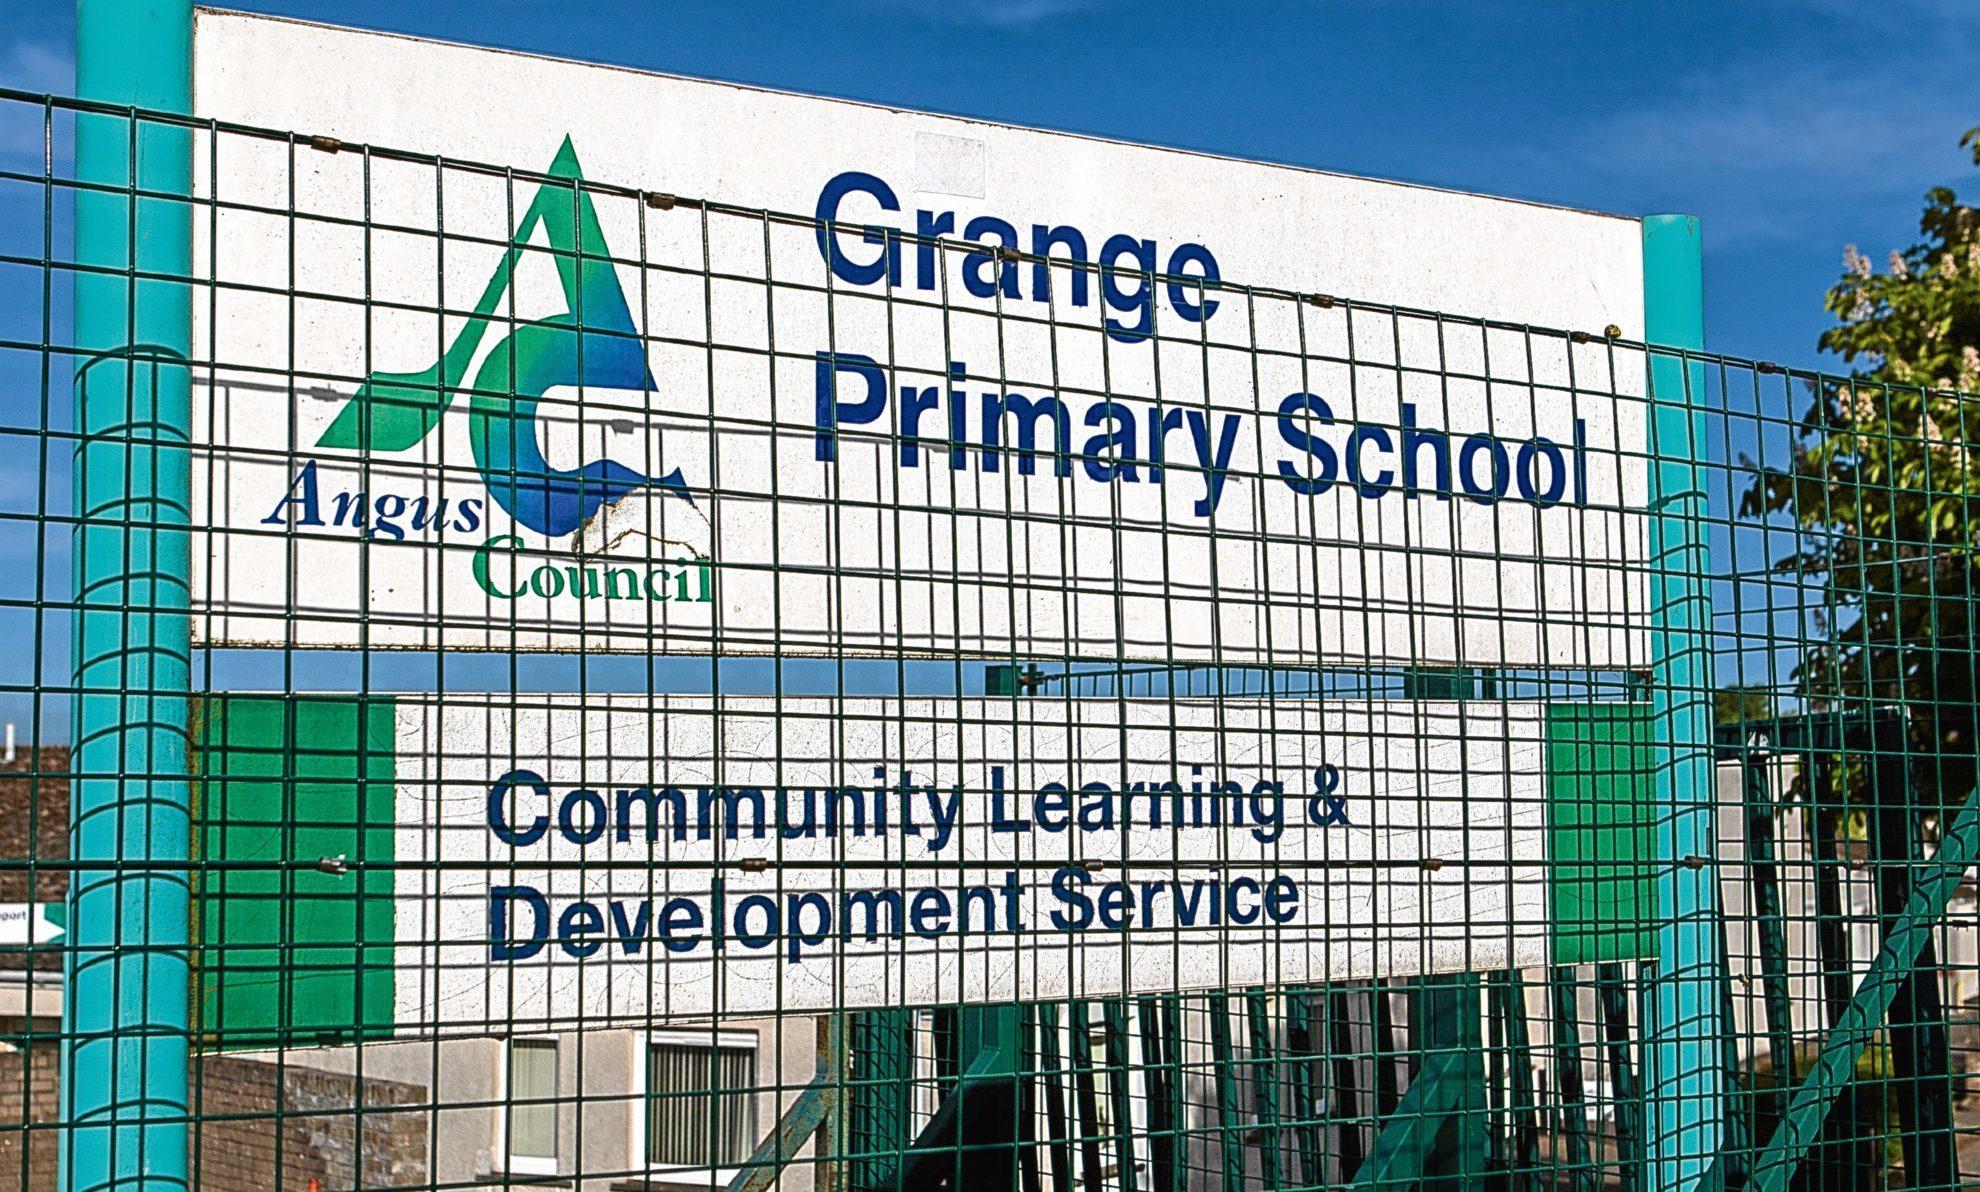 Grange Primary School,